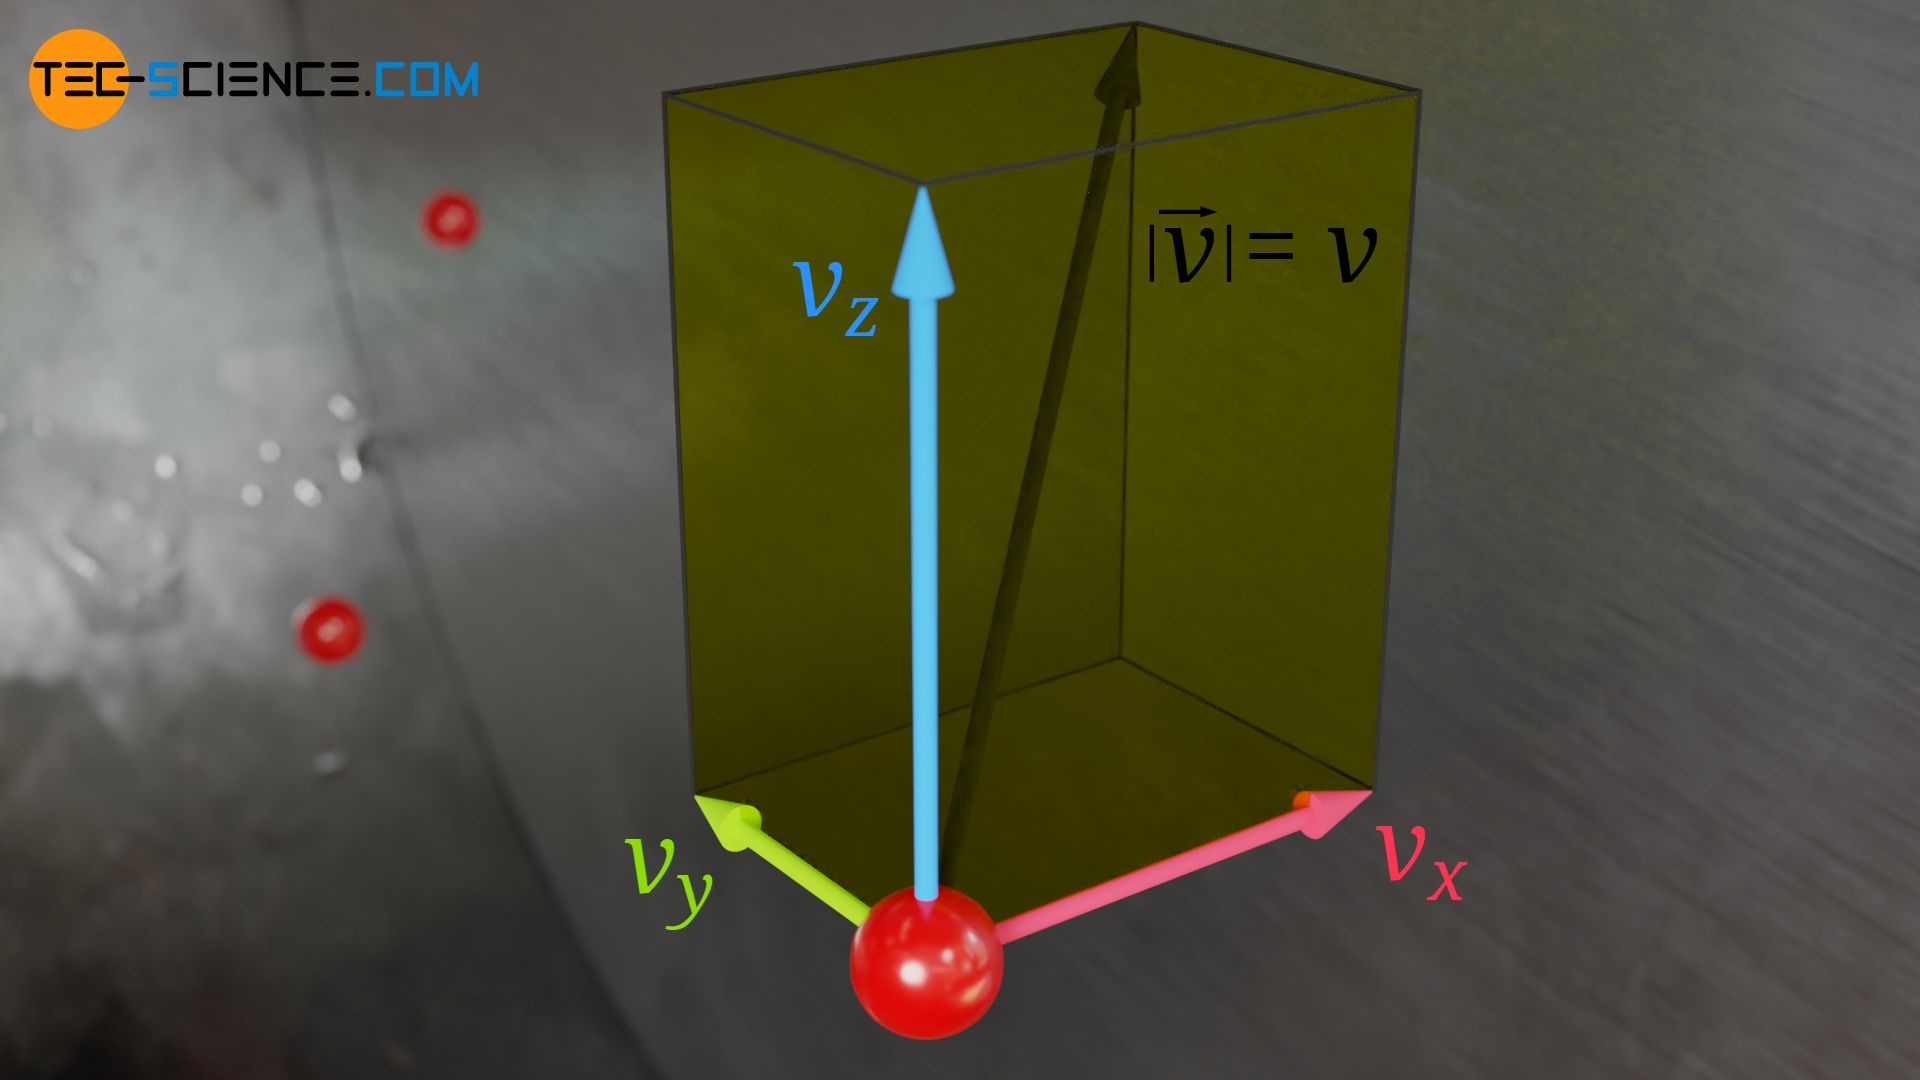 Geschwindigkeitsvektor und dessen Komponenten